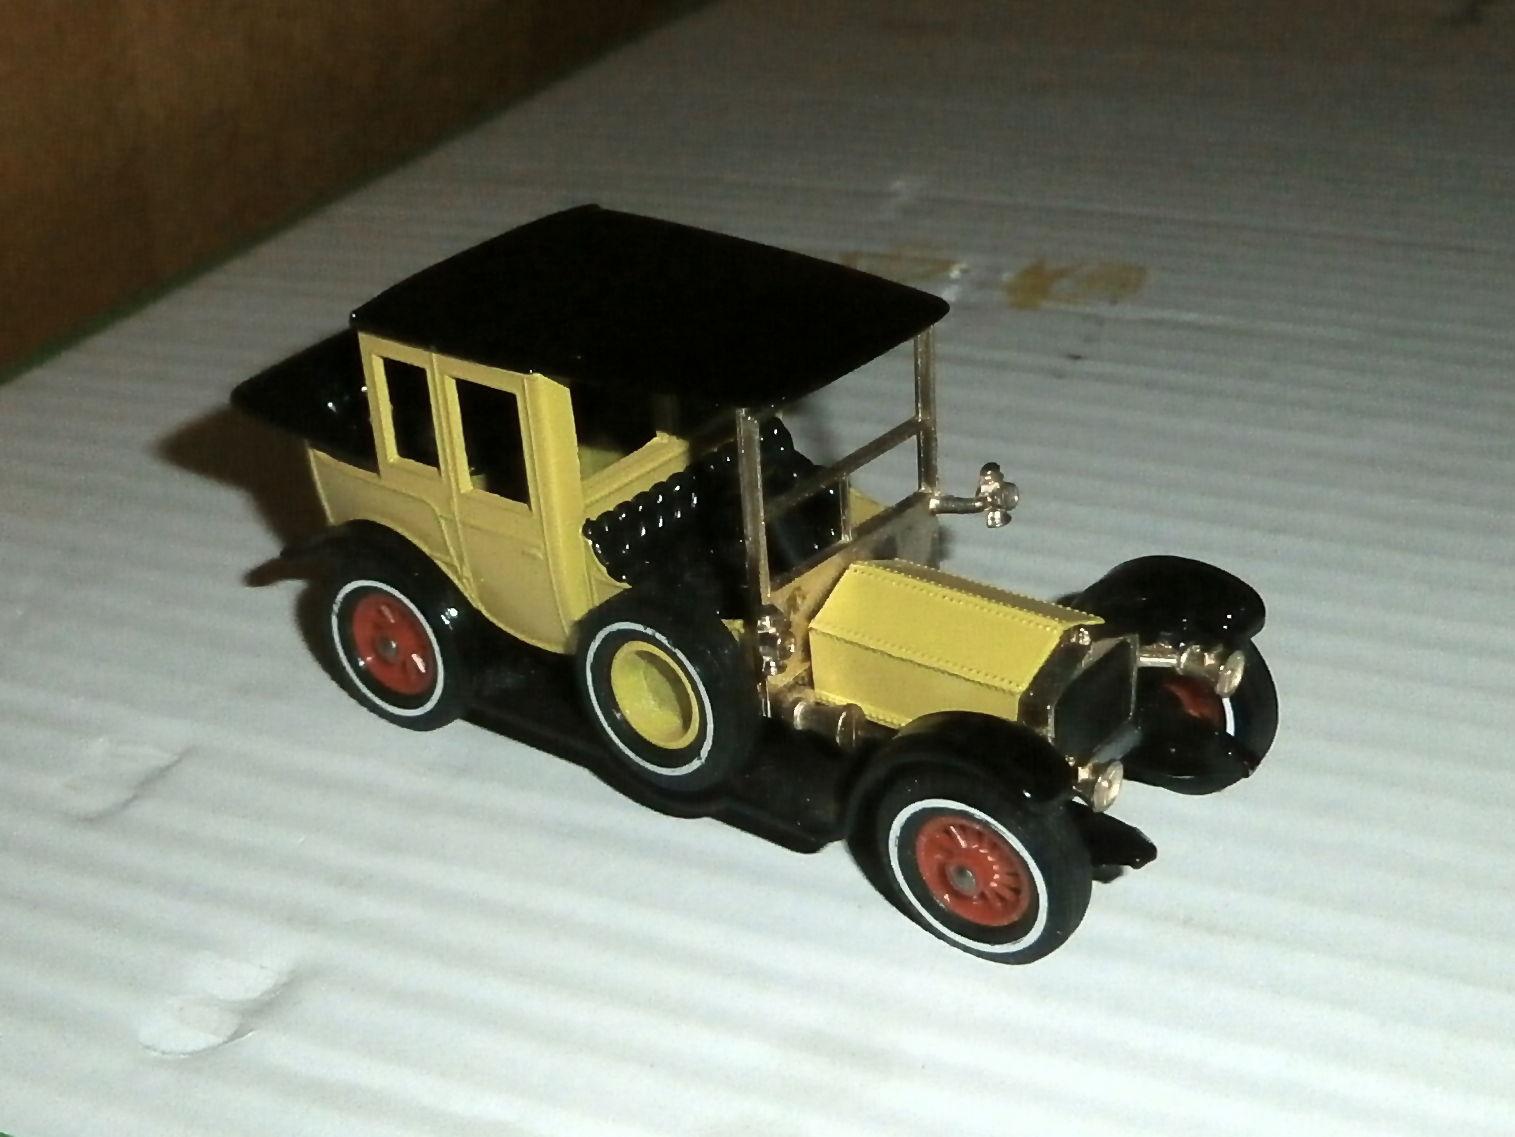 1912 Rolls-Royce (Y-7)